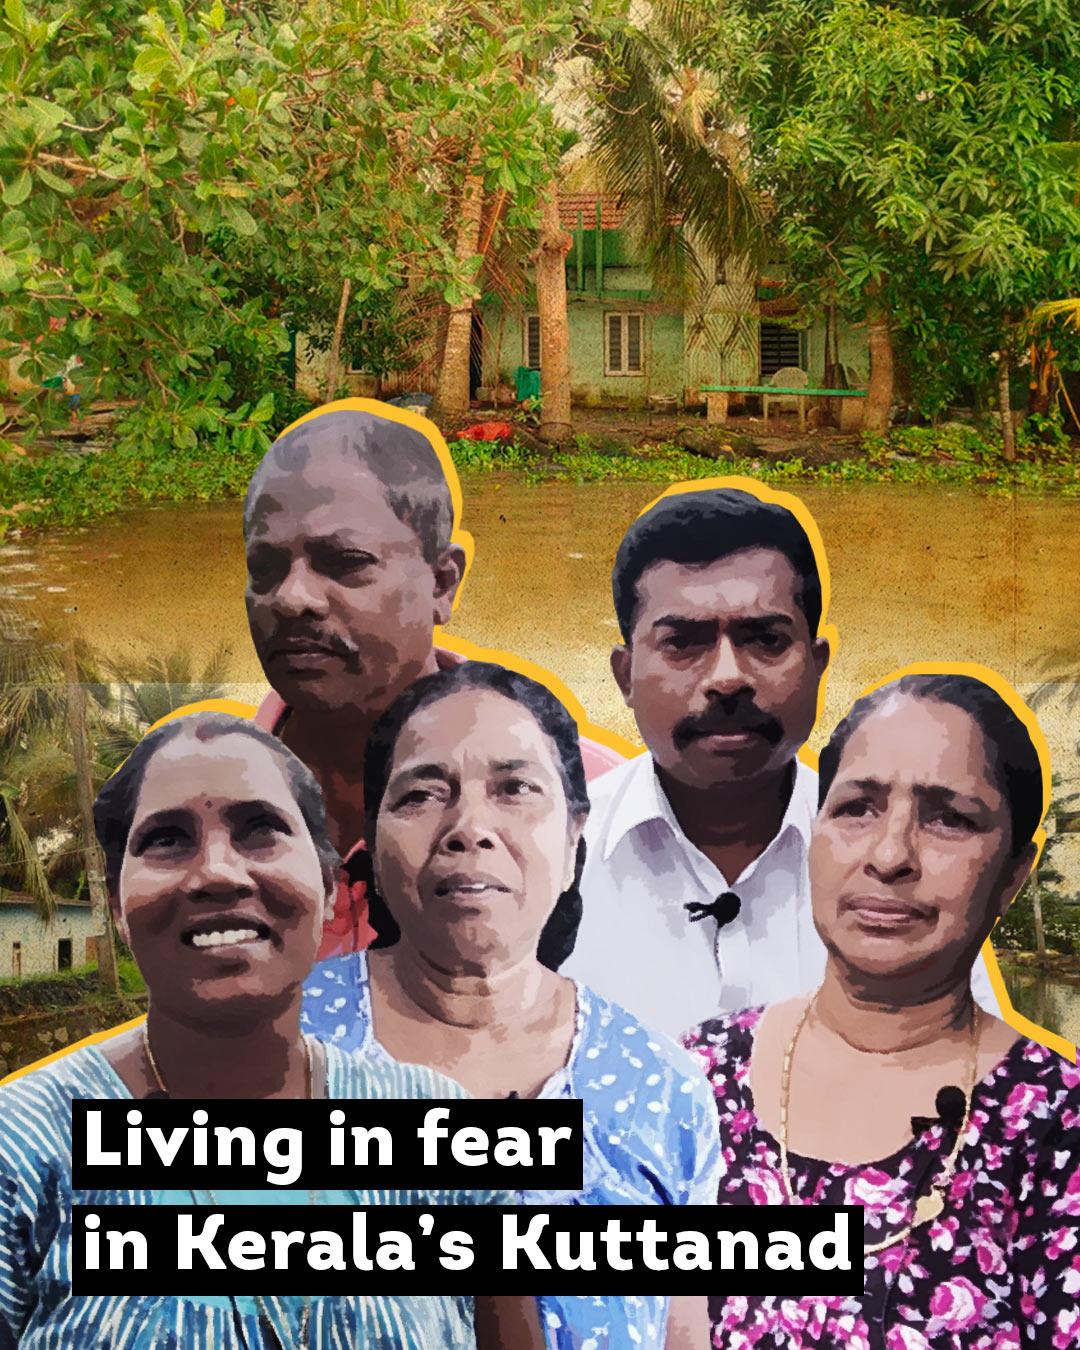 Living in fear in Kerala's Kuttanad